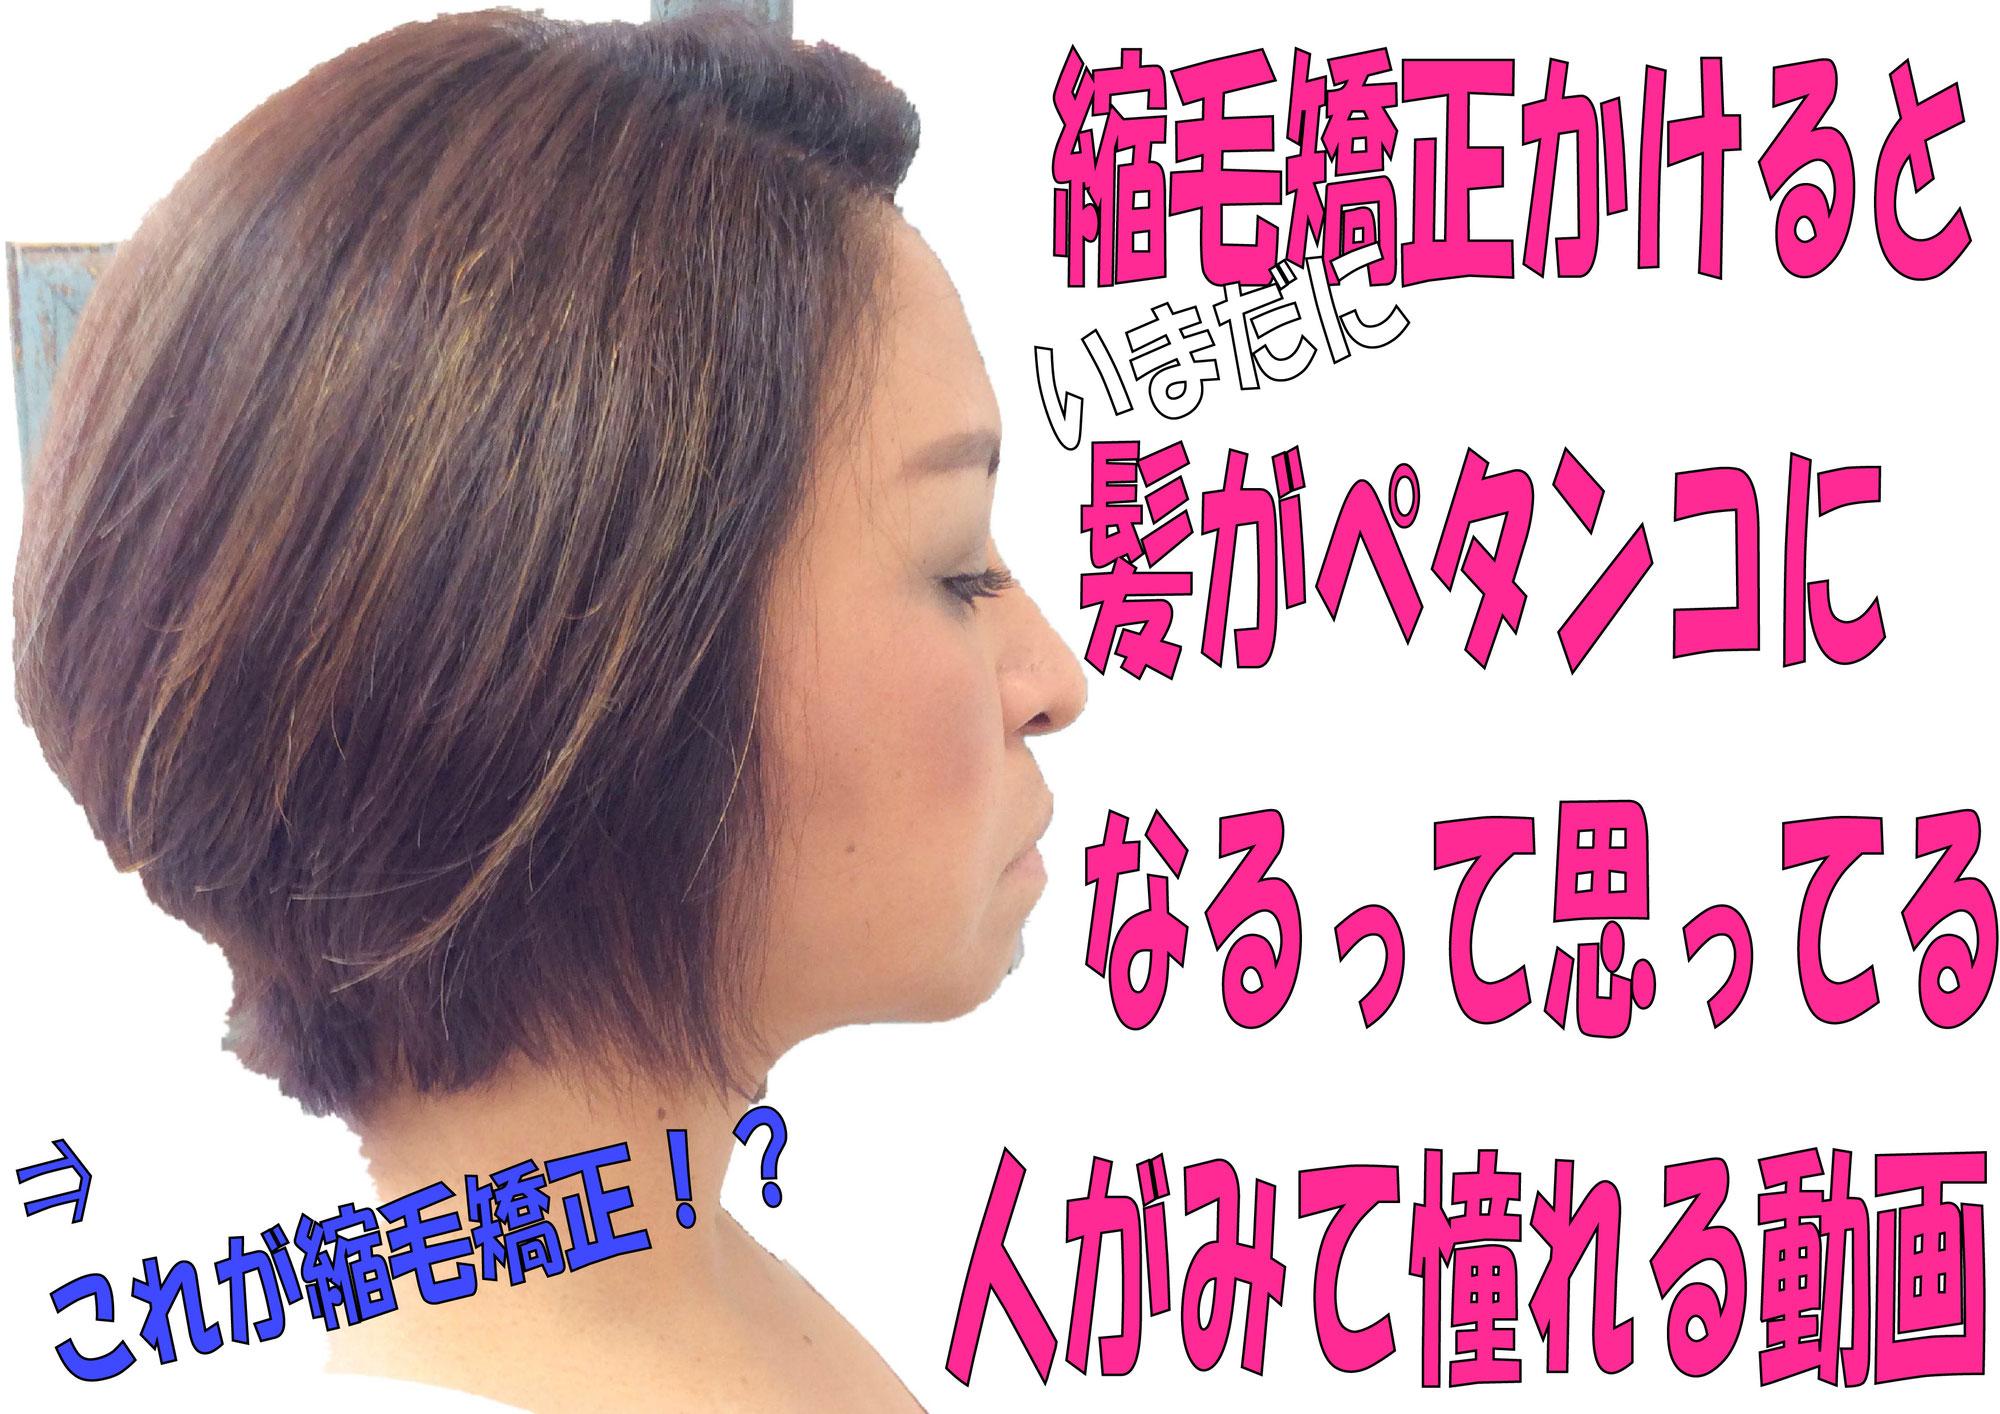 縮毛矯正かけると髪がペタンコになる??